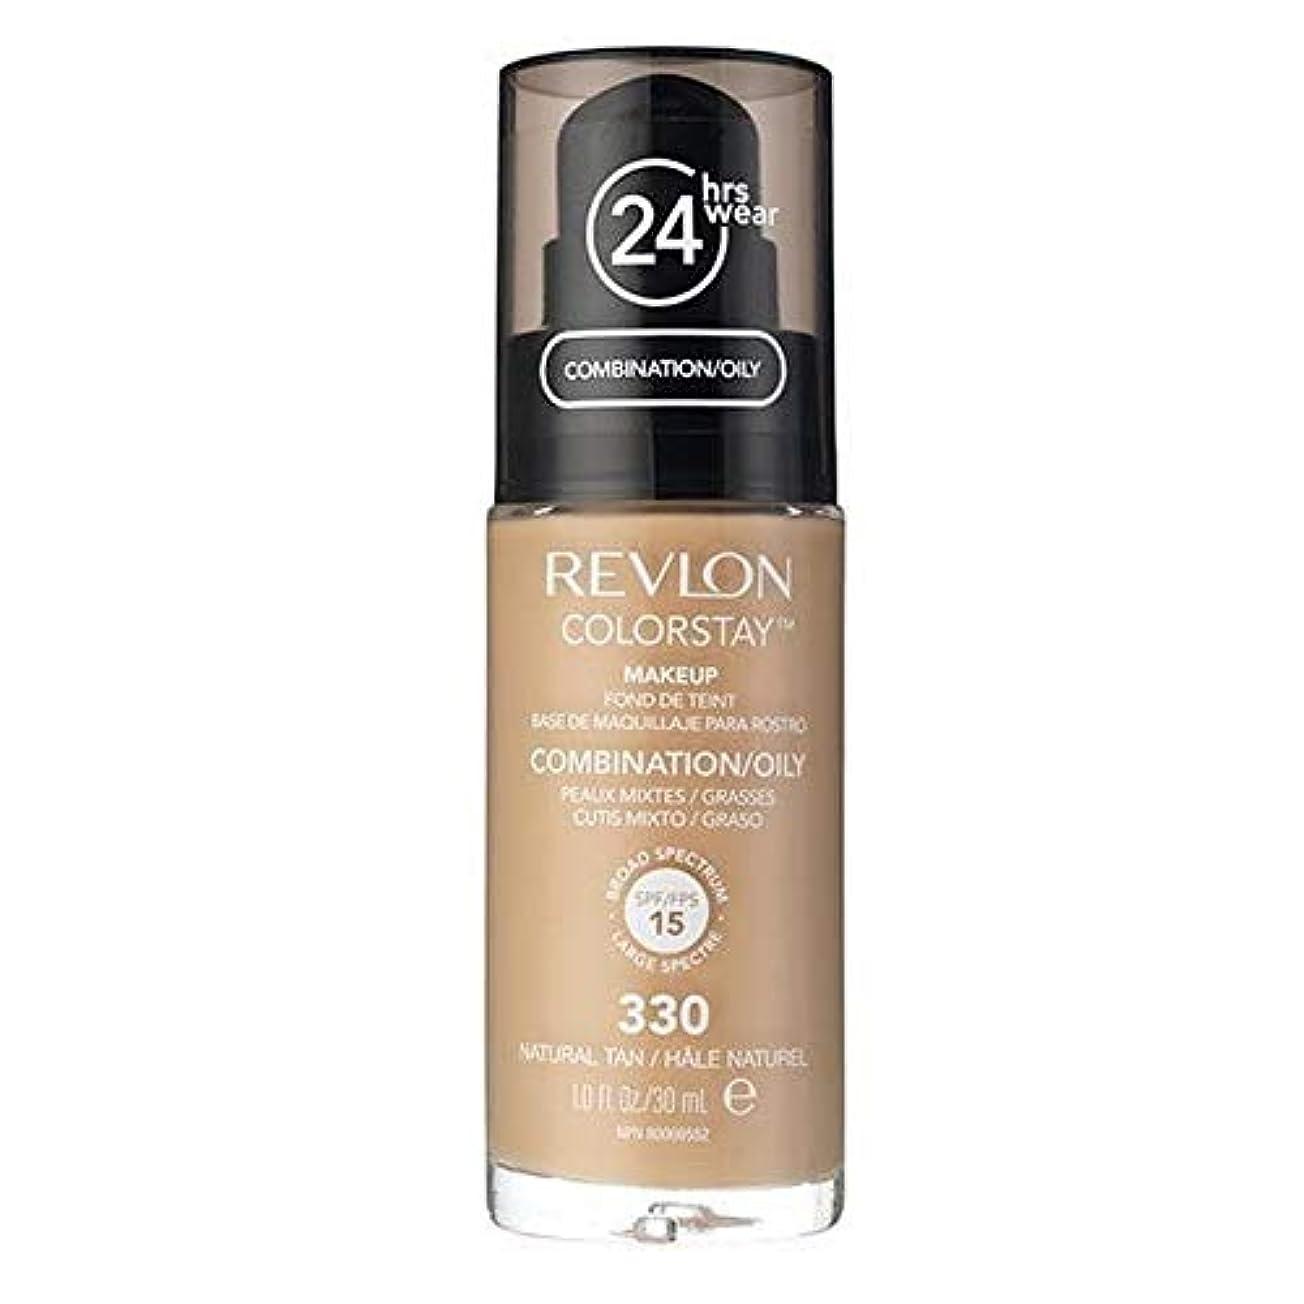 モール気付くお風呂を持っている[Revlon ] レブロンカラーステイ基盤コンビ/油性Nat日焼け30ミリリットル - Revlon Color Stay Foundation Combi/Oily Nat Tan 30ml [並行輸入品]